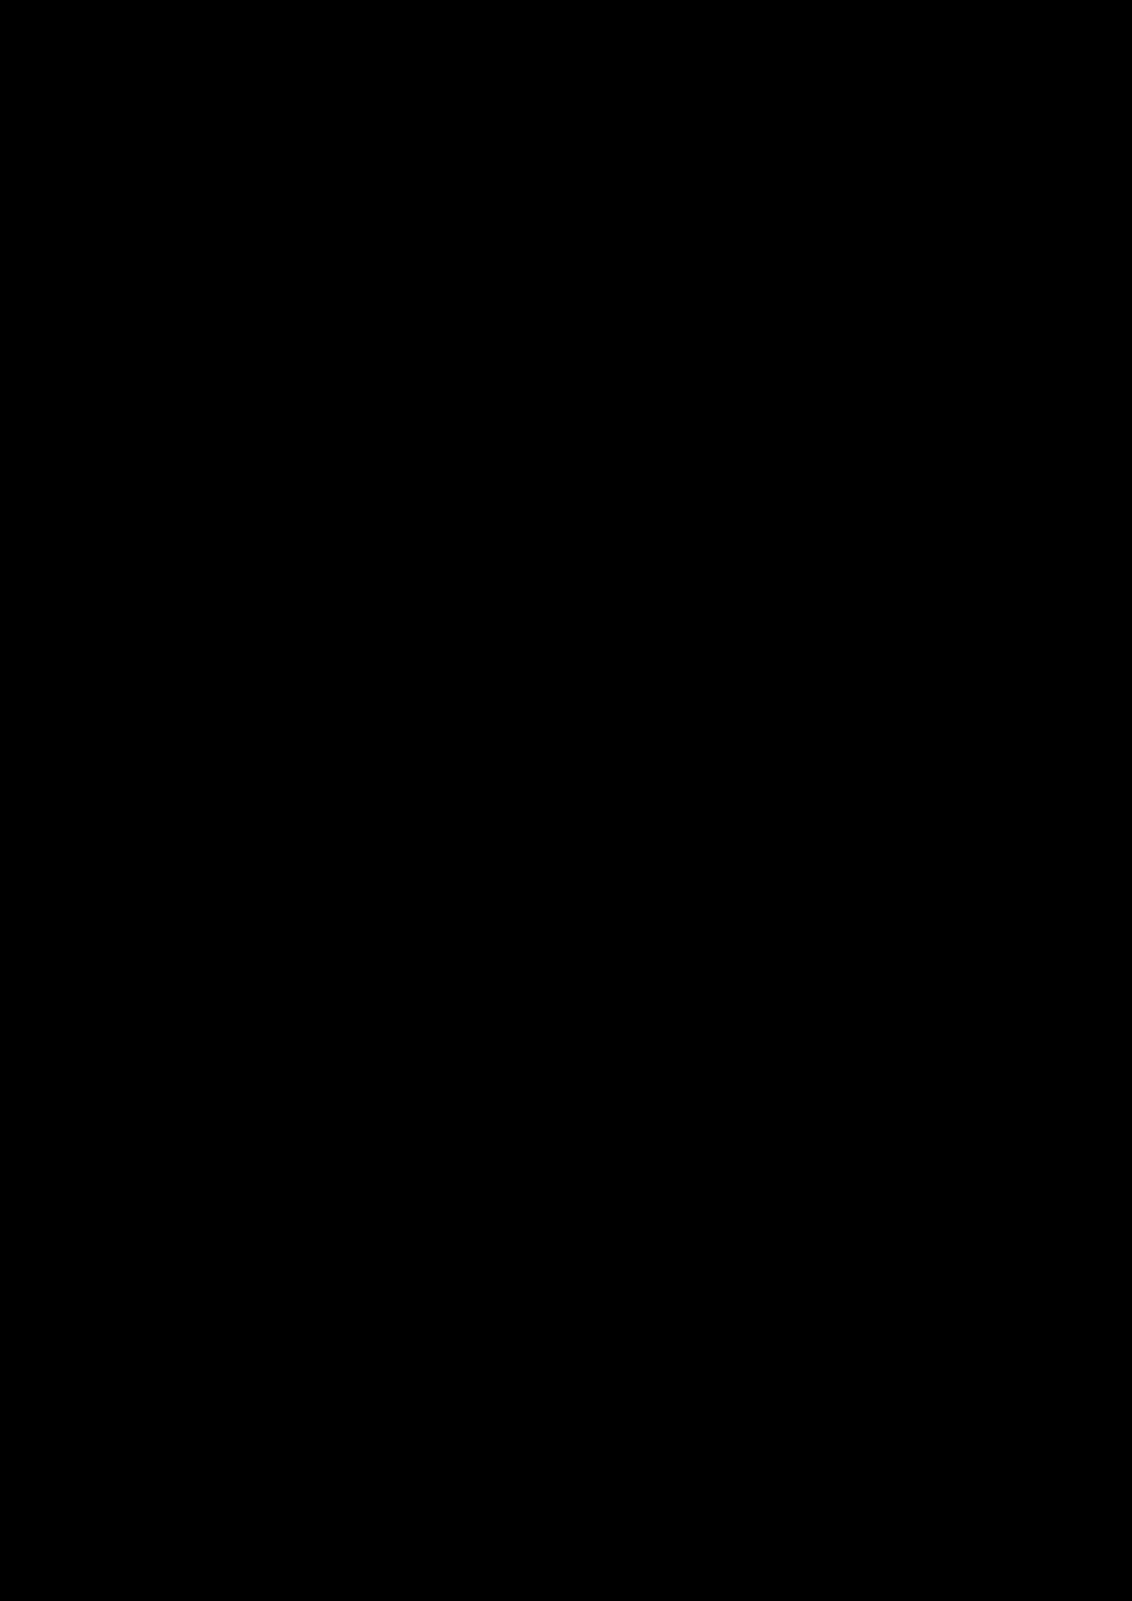 Vyibor Est slide, Image 2